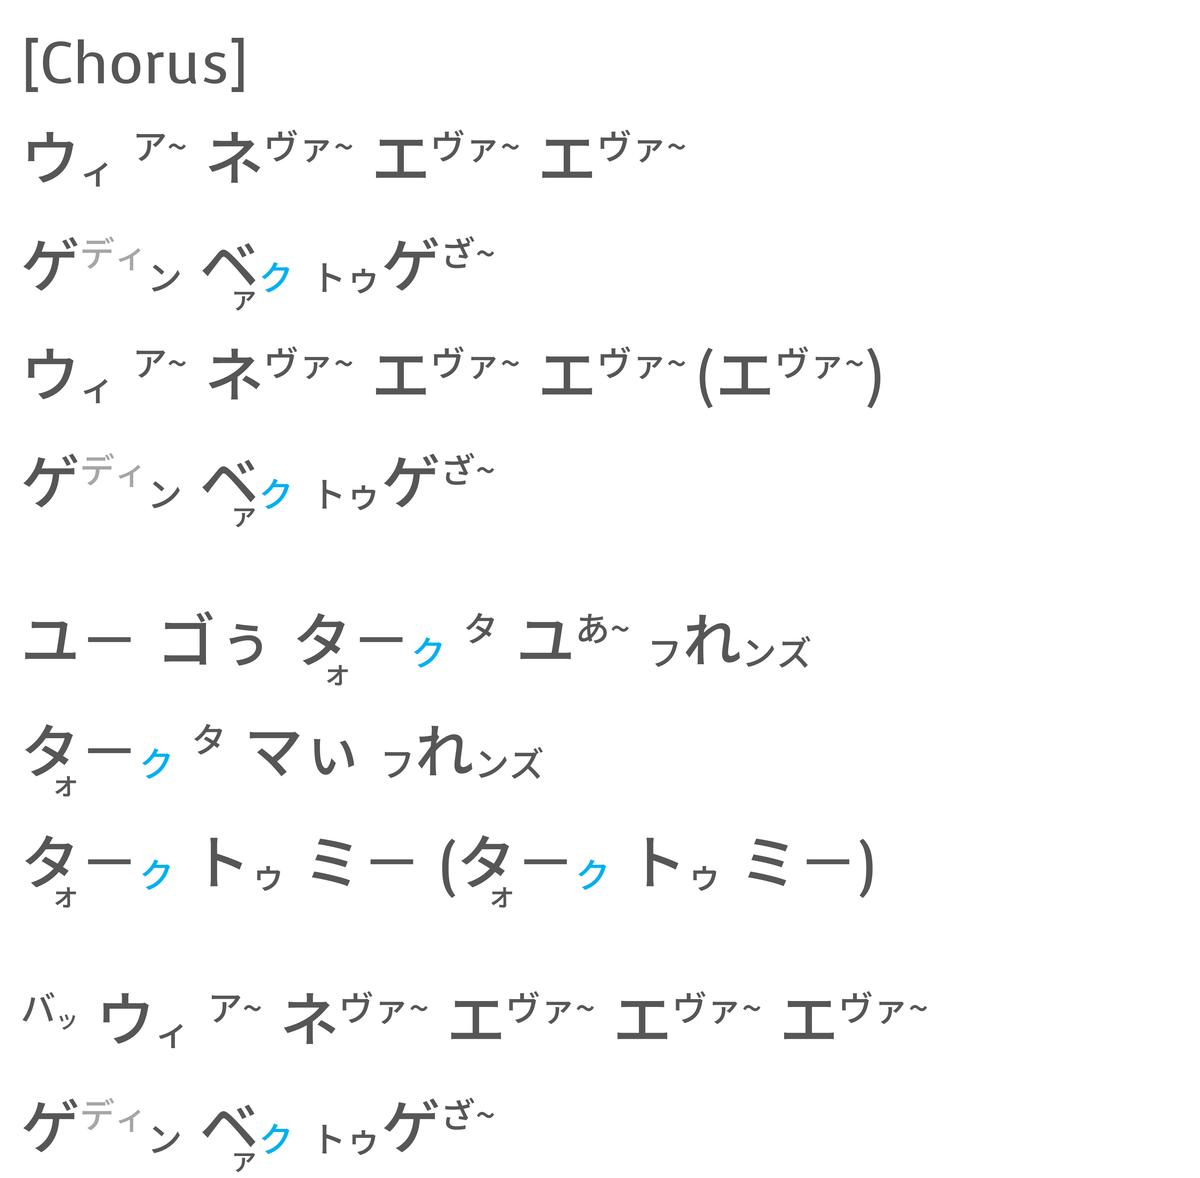 f:id:yakatazushi:20200811161620p:plain